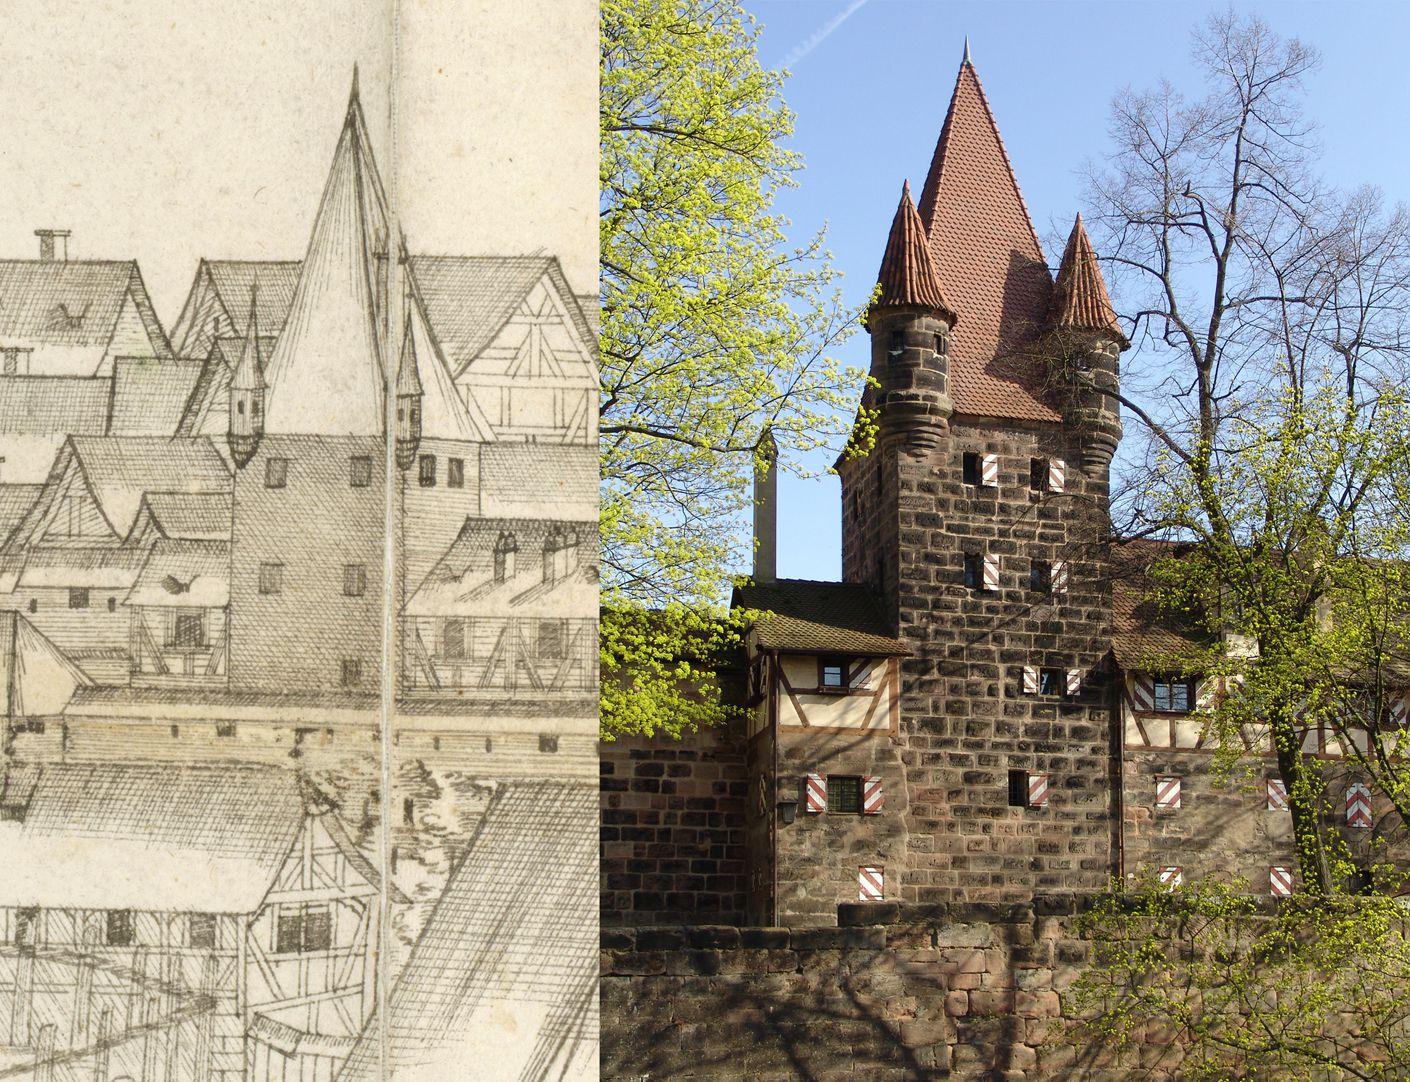 Panoramadarstellung der Stadt Nürnberg von Westen Gegenüberstellung Detail Turm Rotes Z und heutiger Zustand (links und rechts des Turms Prisaun und Irrenhaus)